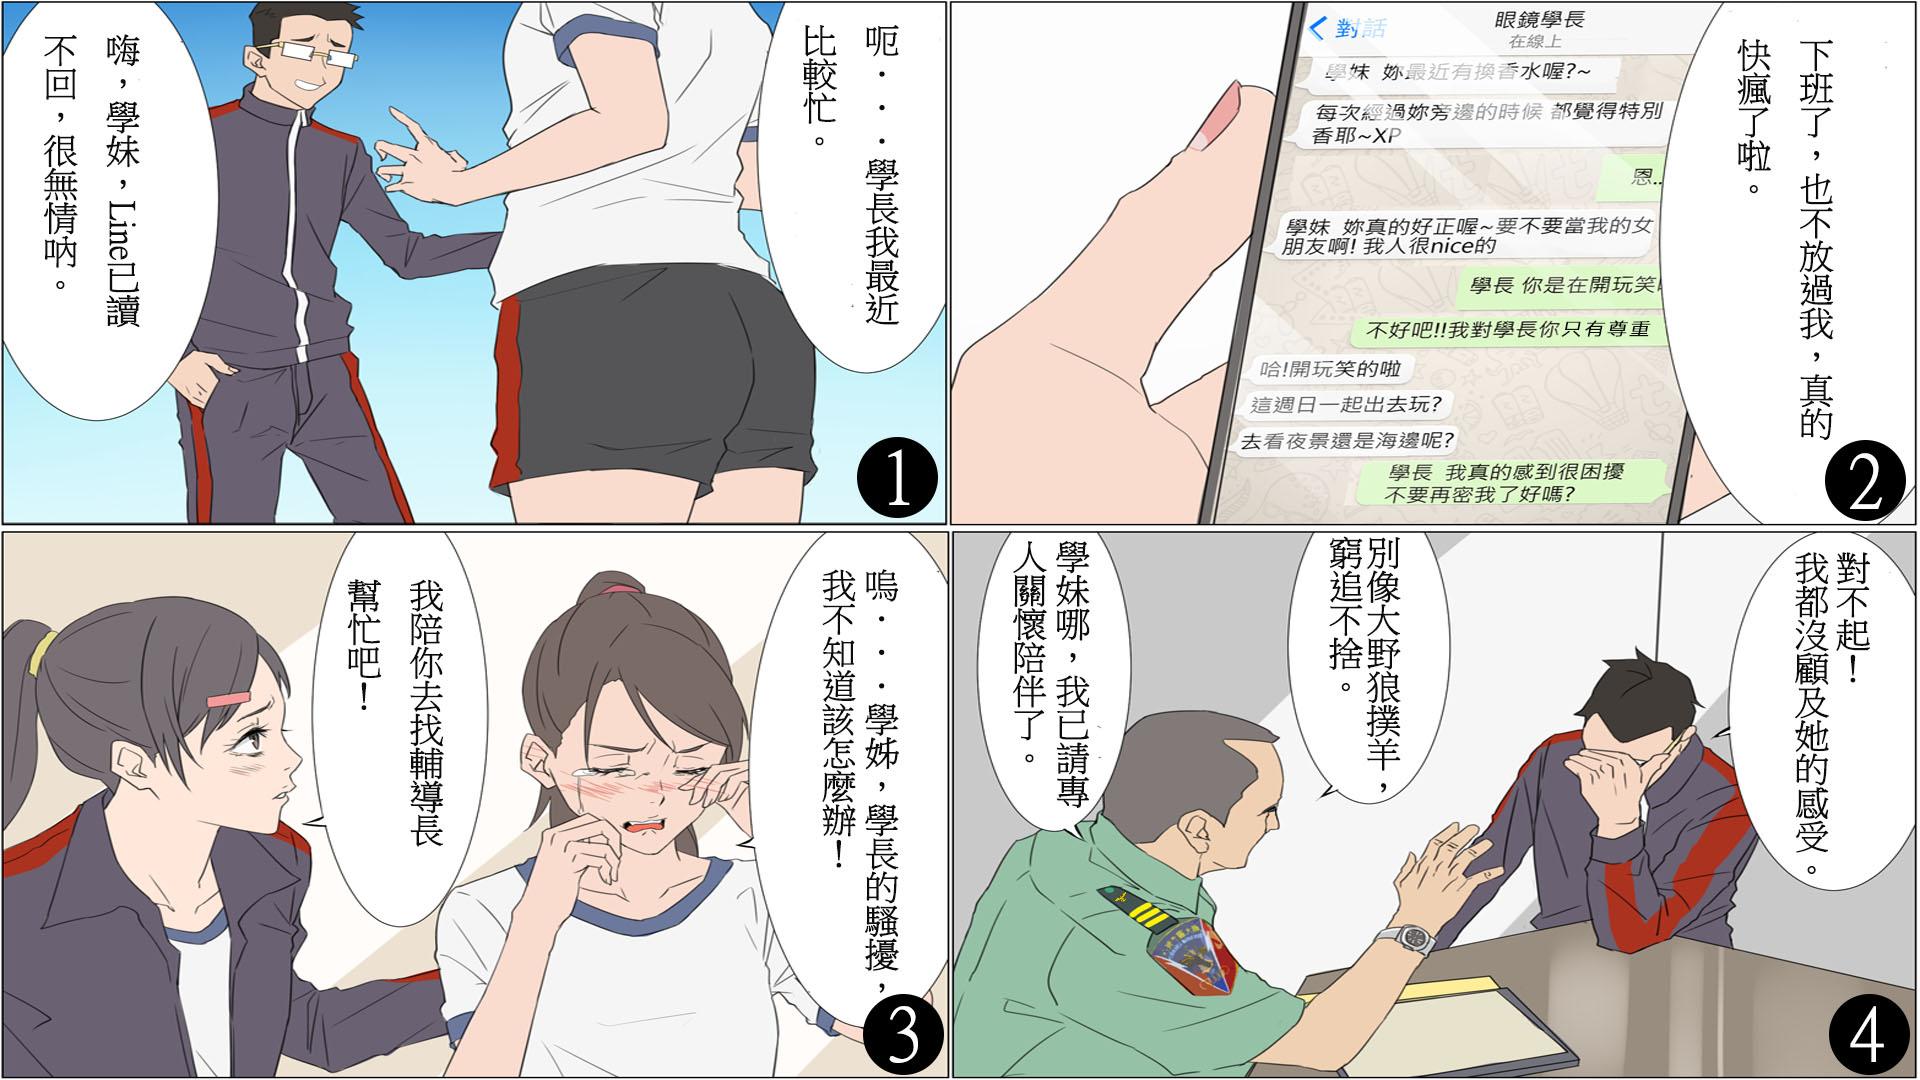 性騷擾-被害人:尊重你我他,關係不NG(繪製人:黃儆豪).jpg